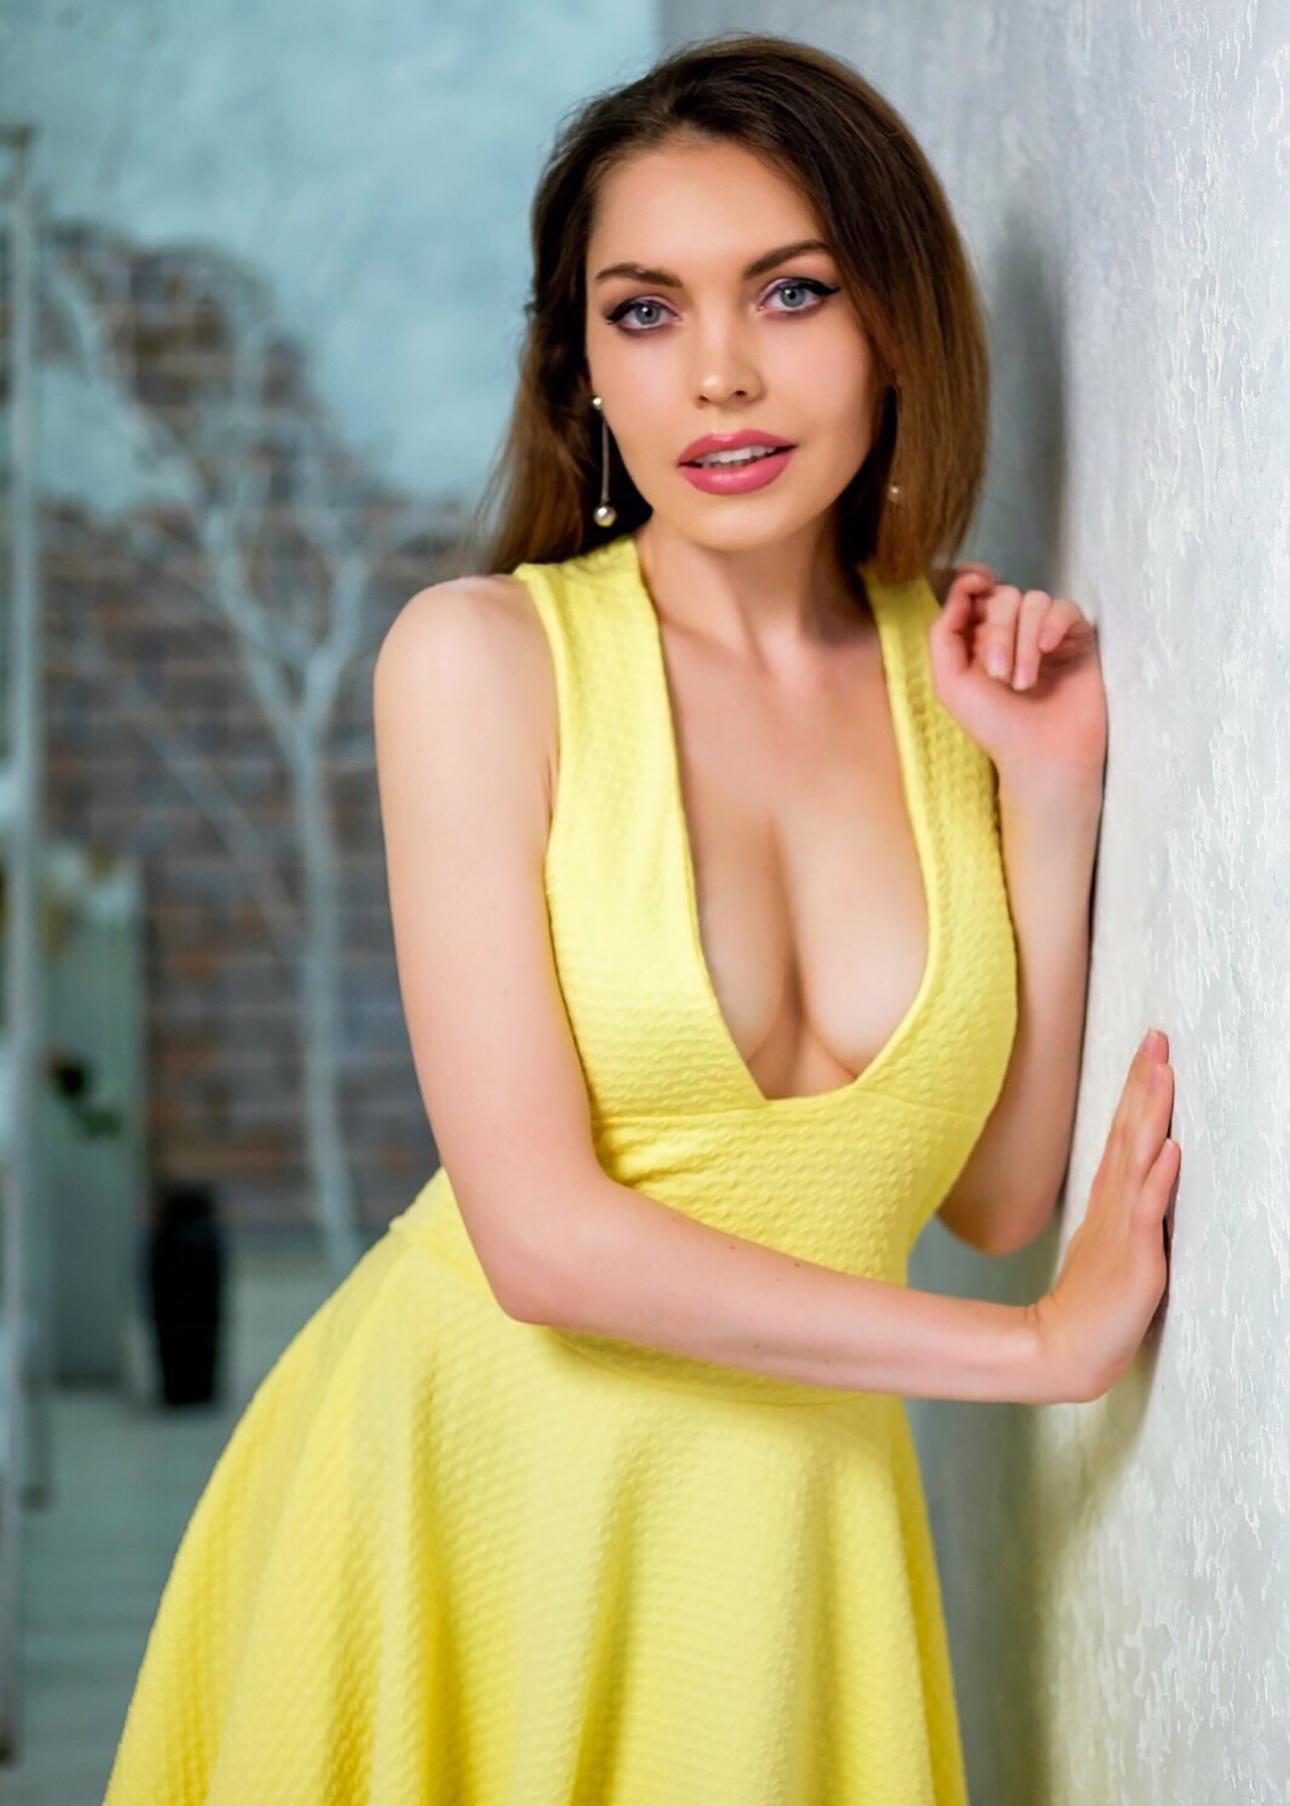 Daria, Ukraine bride for marriage